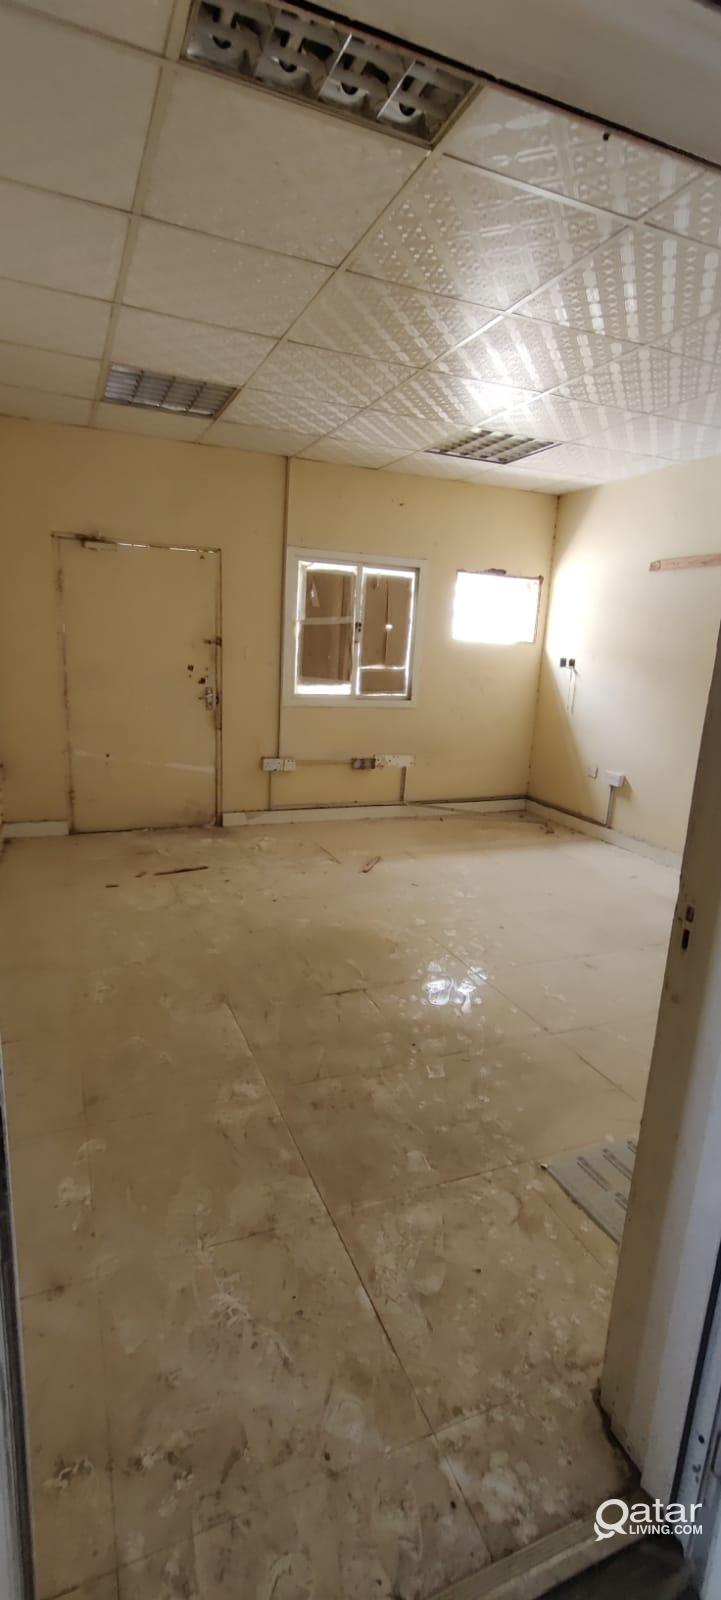 300 Workshop & 2 Room For Rent